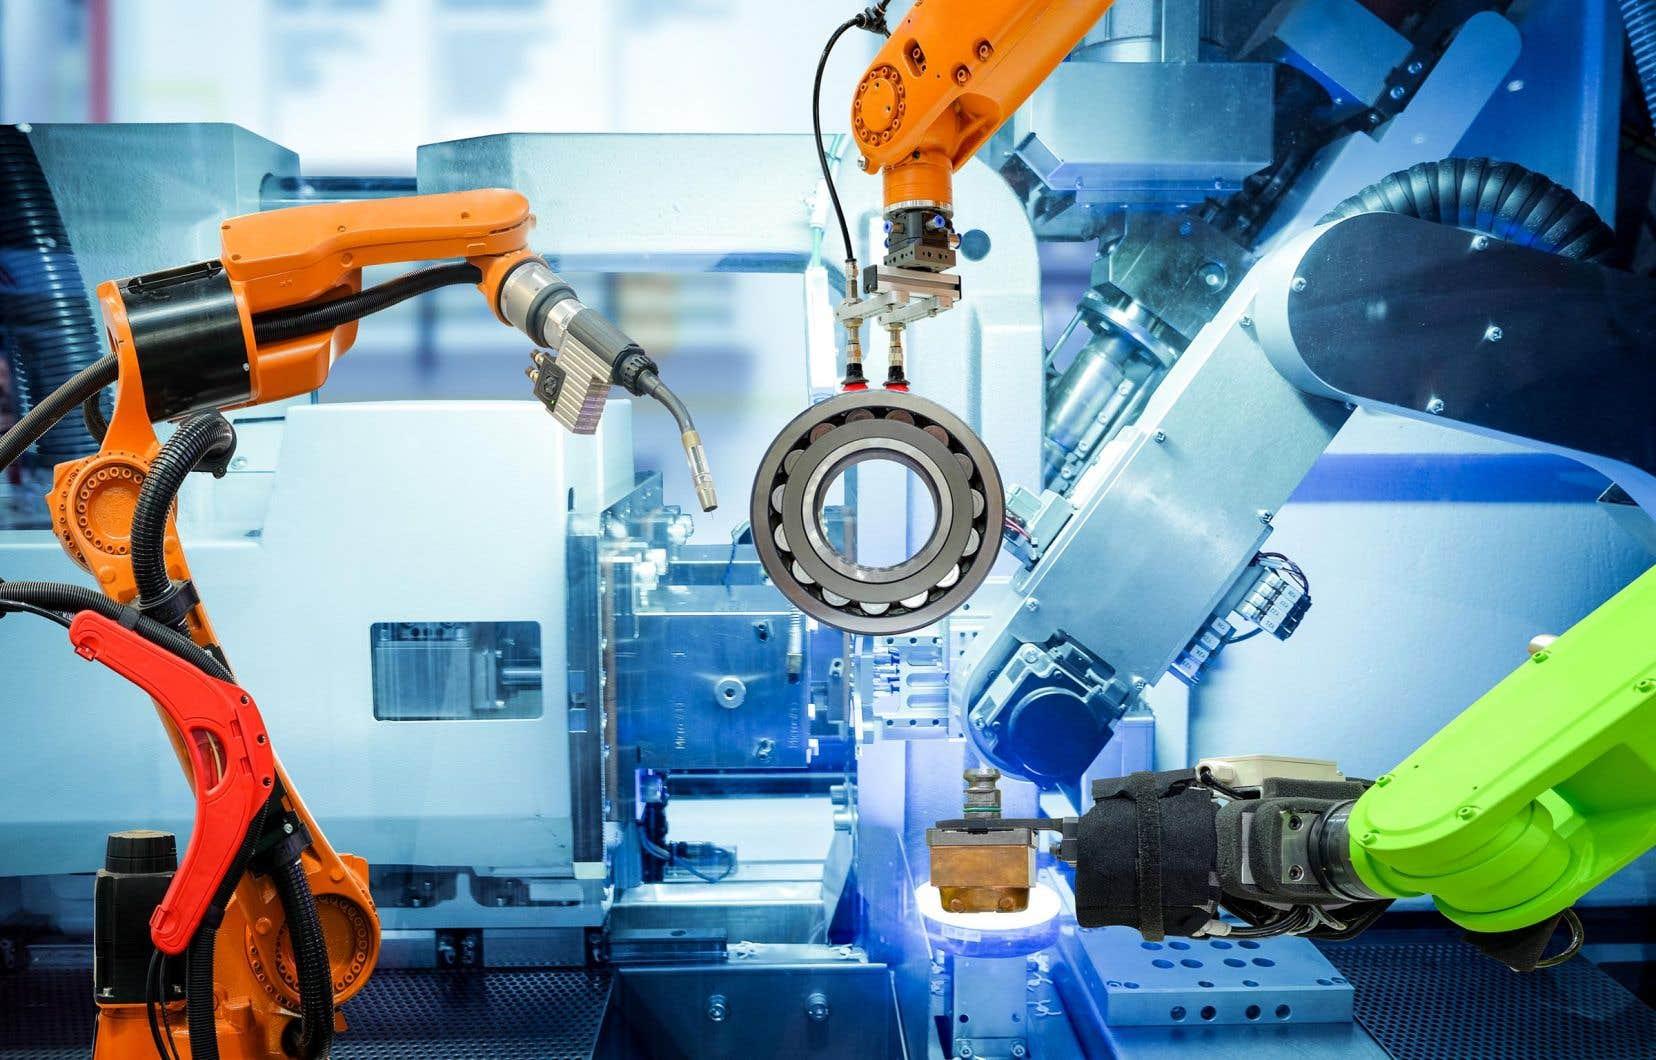 L'expression «industrie 4.0», en vogue depuis peu, fait référence à l'entrée du secteur manufacturier dans une quatrième révolution industrielle.